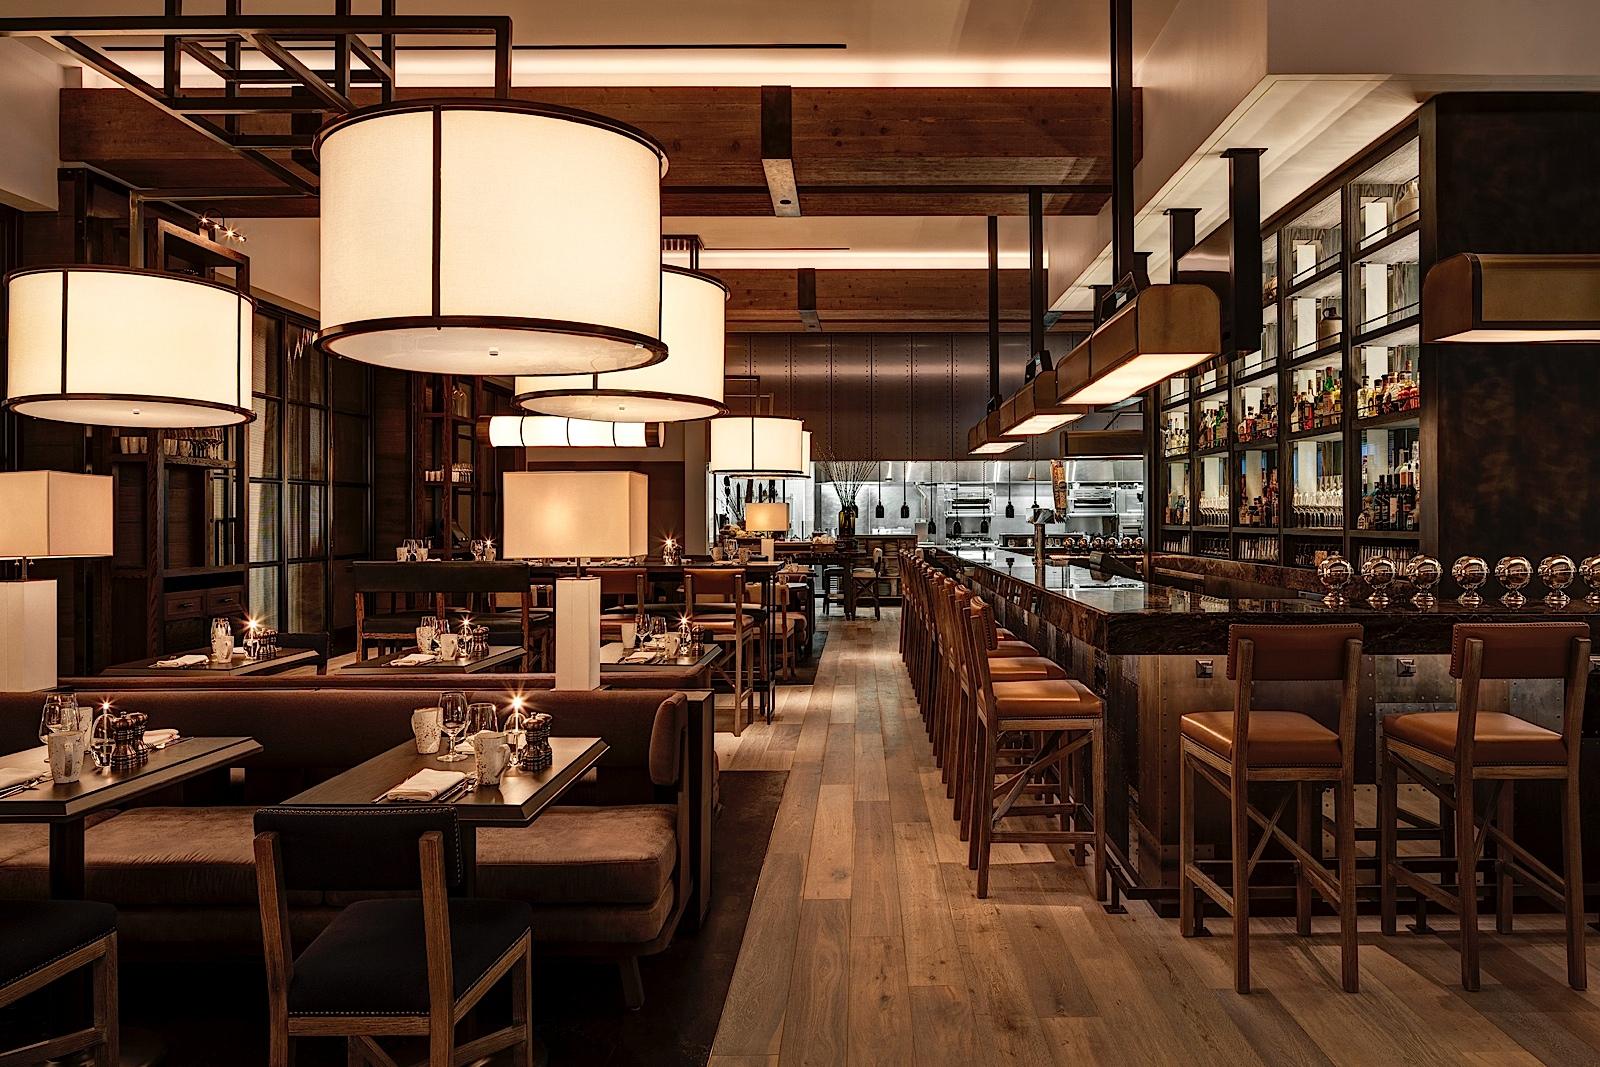 Restaurant Floor - Philadelphia - After 2 years - Loews Hotel.jpg